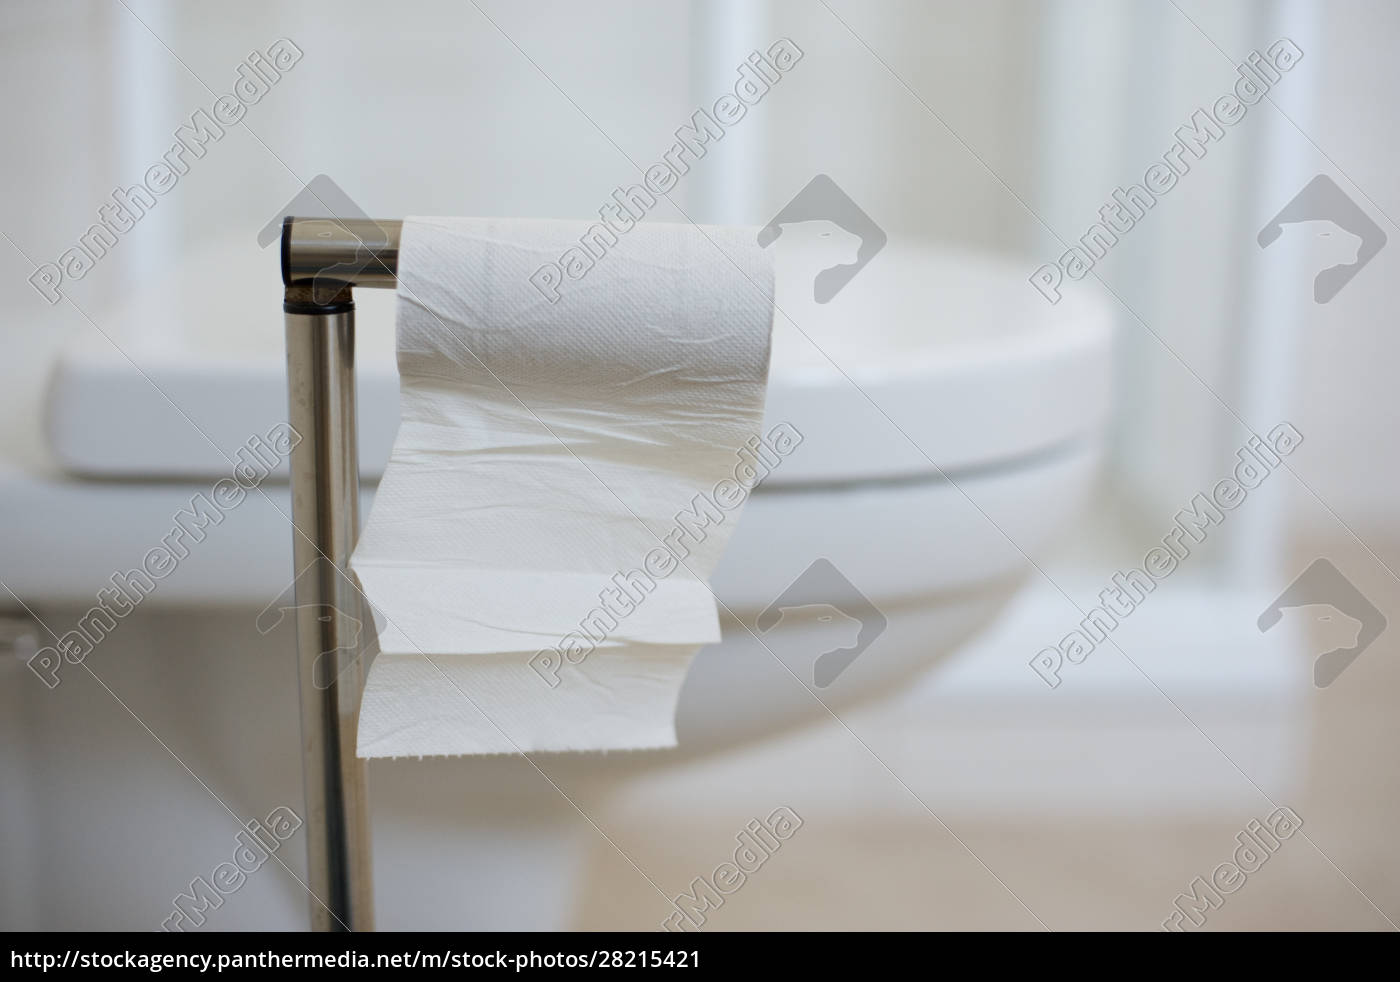 toilet, paper, crisis - 28215421